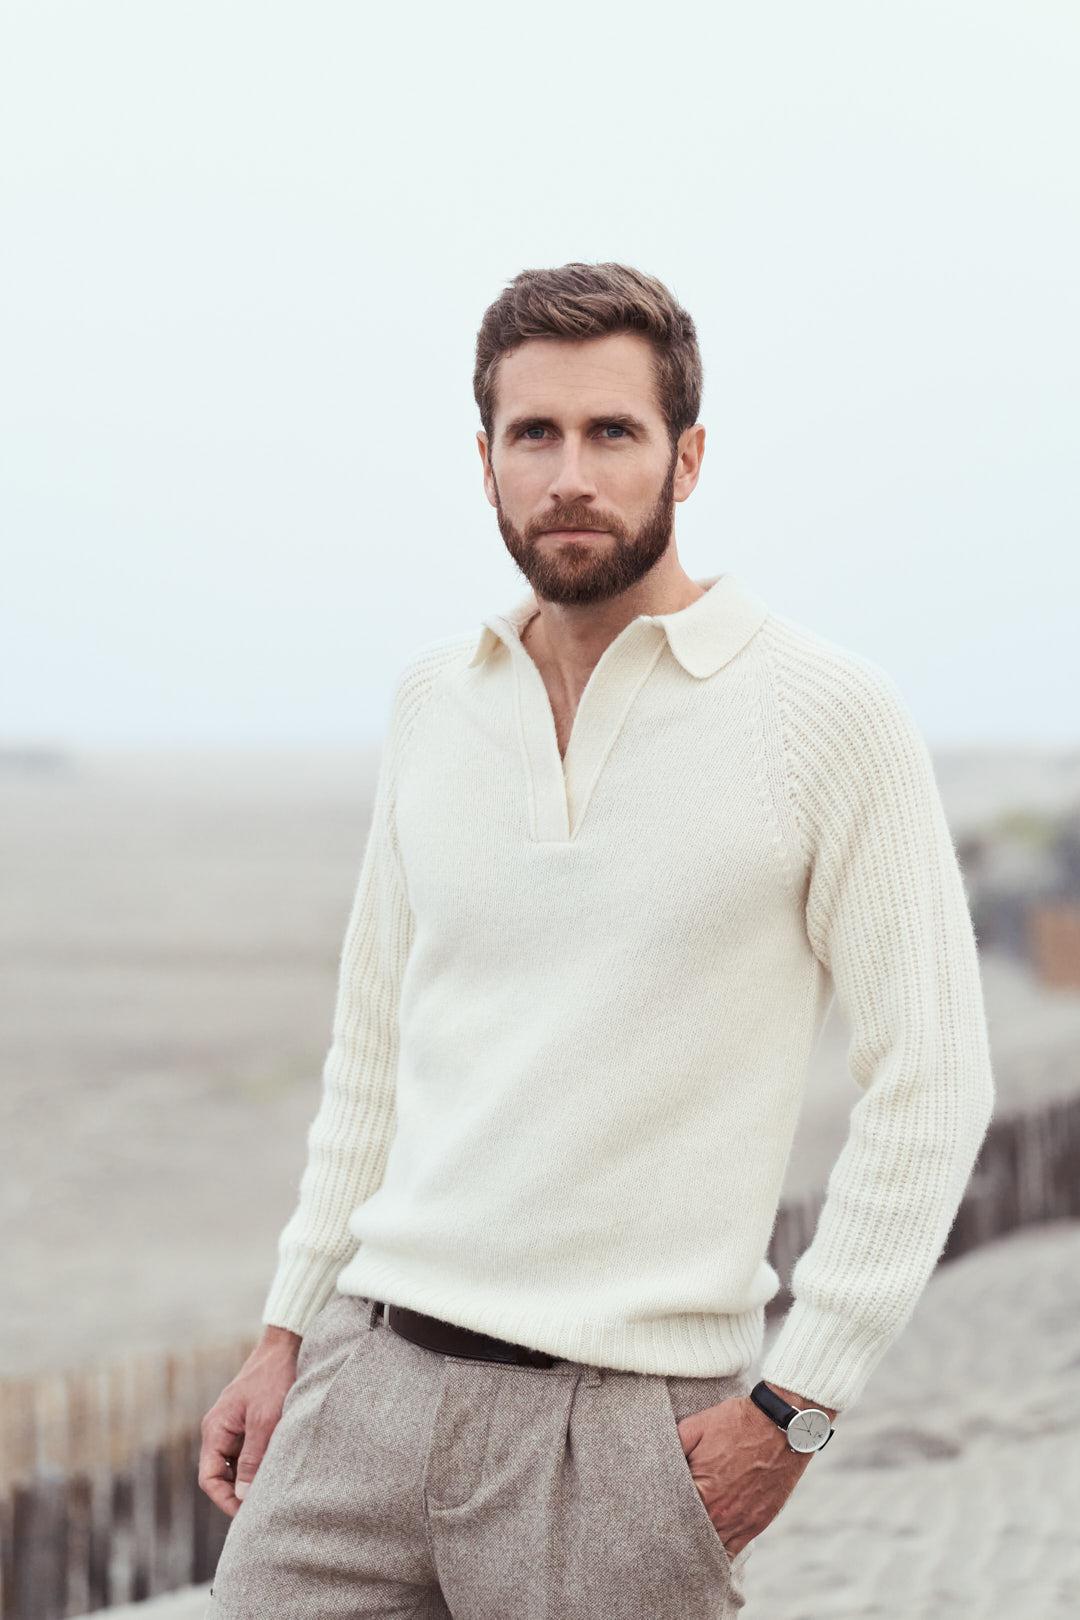 Homme portant un pull en laine mérinos d'Arles tricoté en France